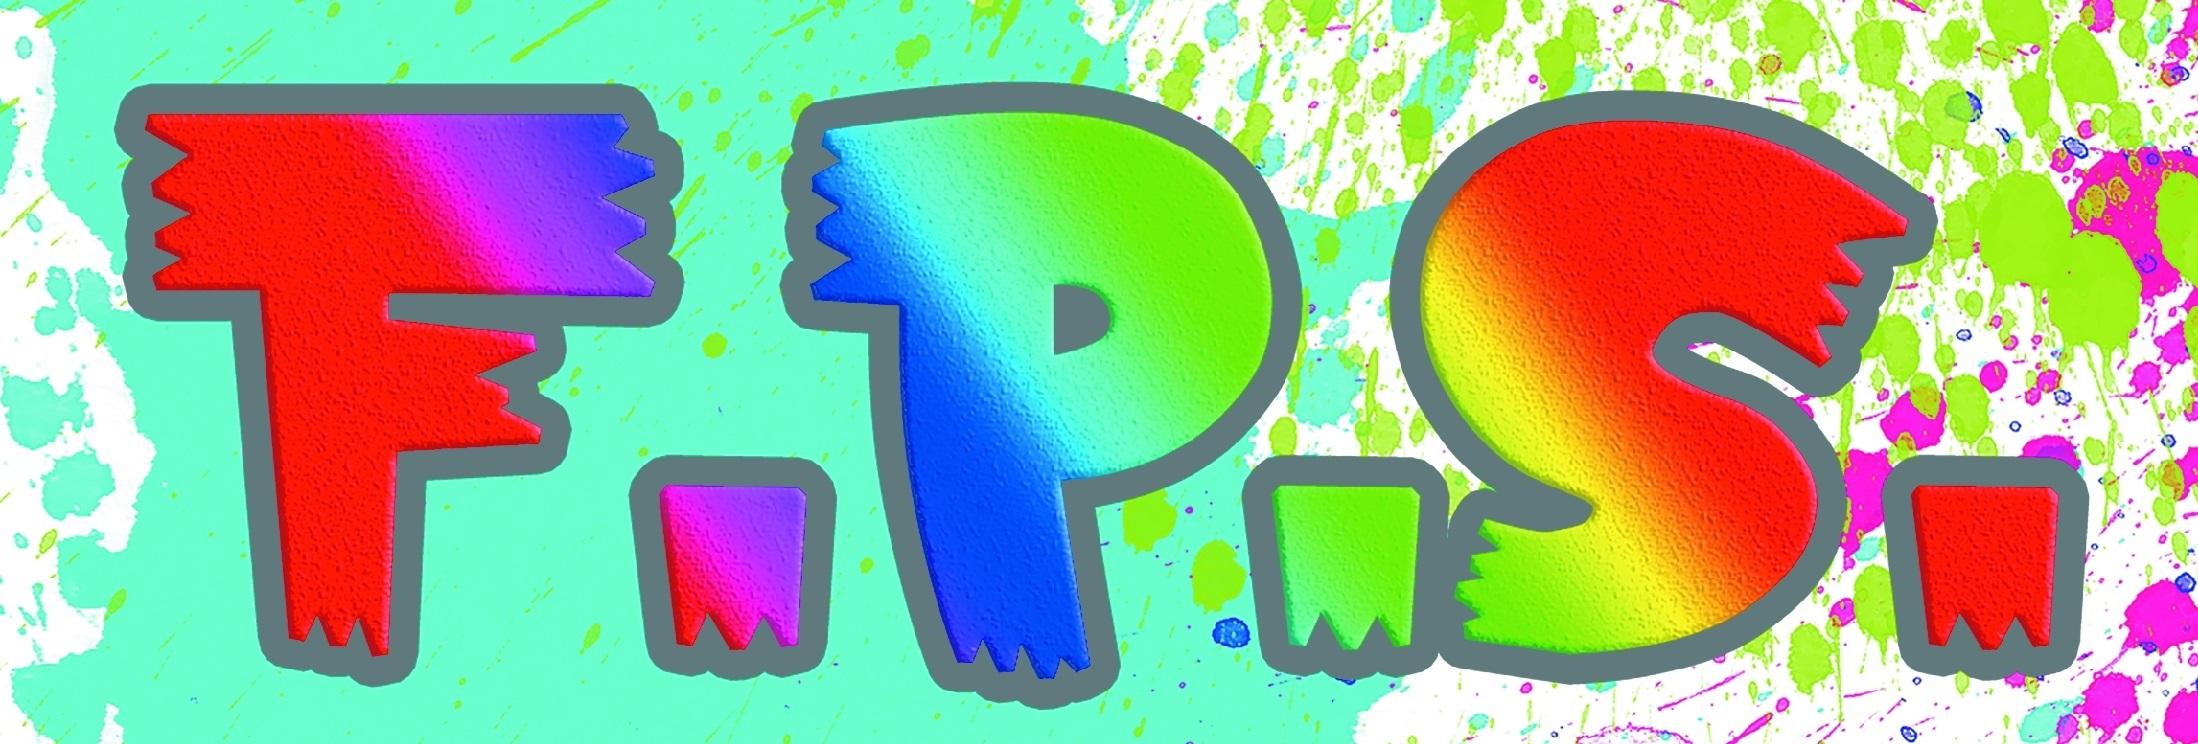 FPSlogo.jpg